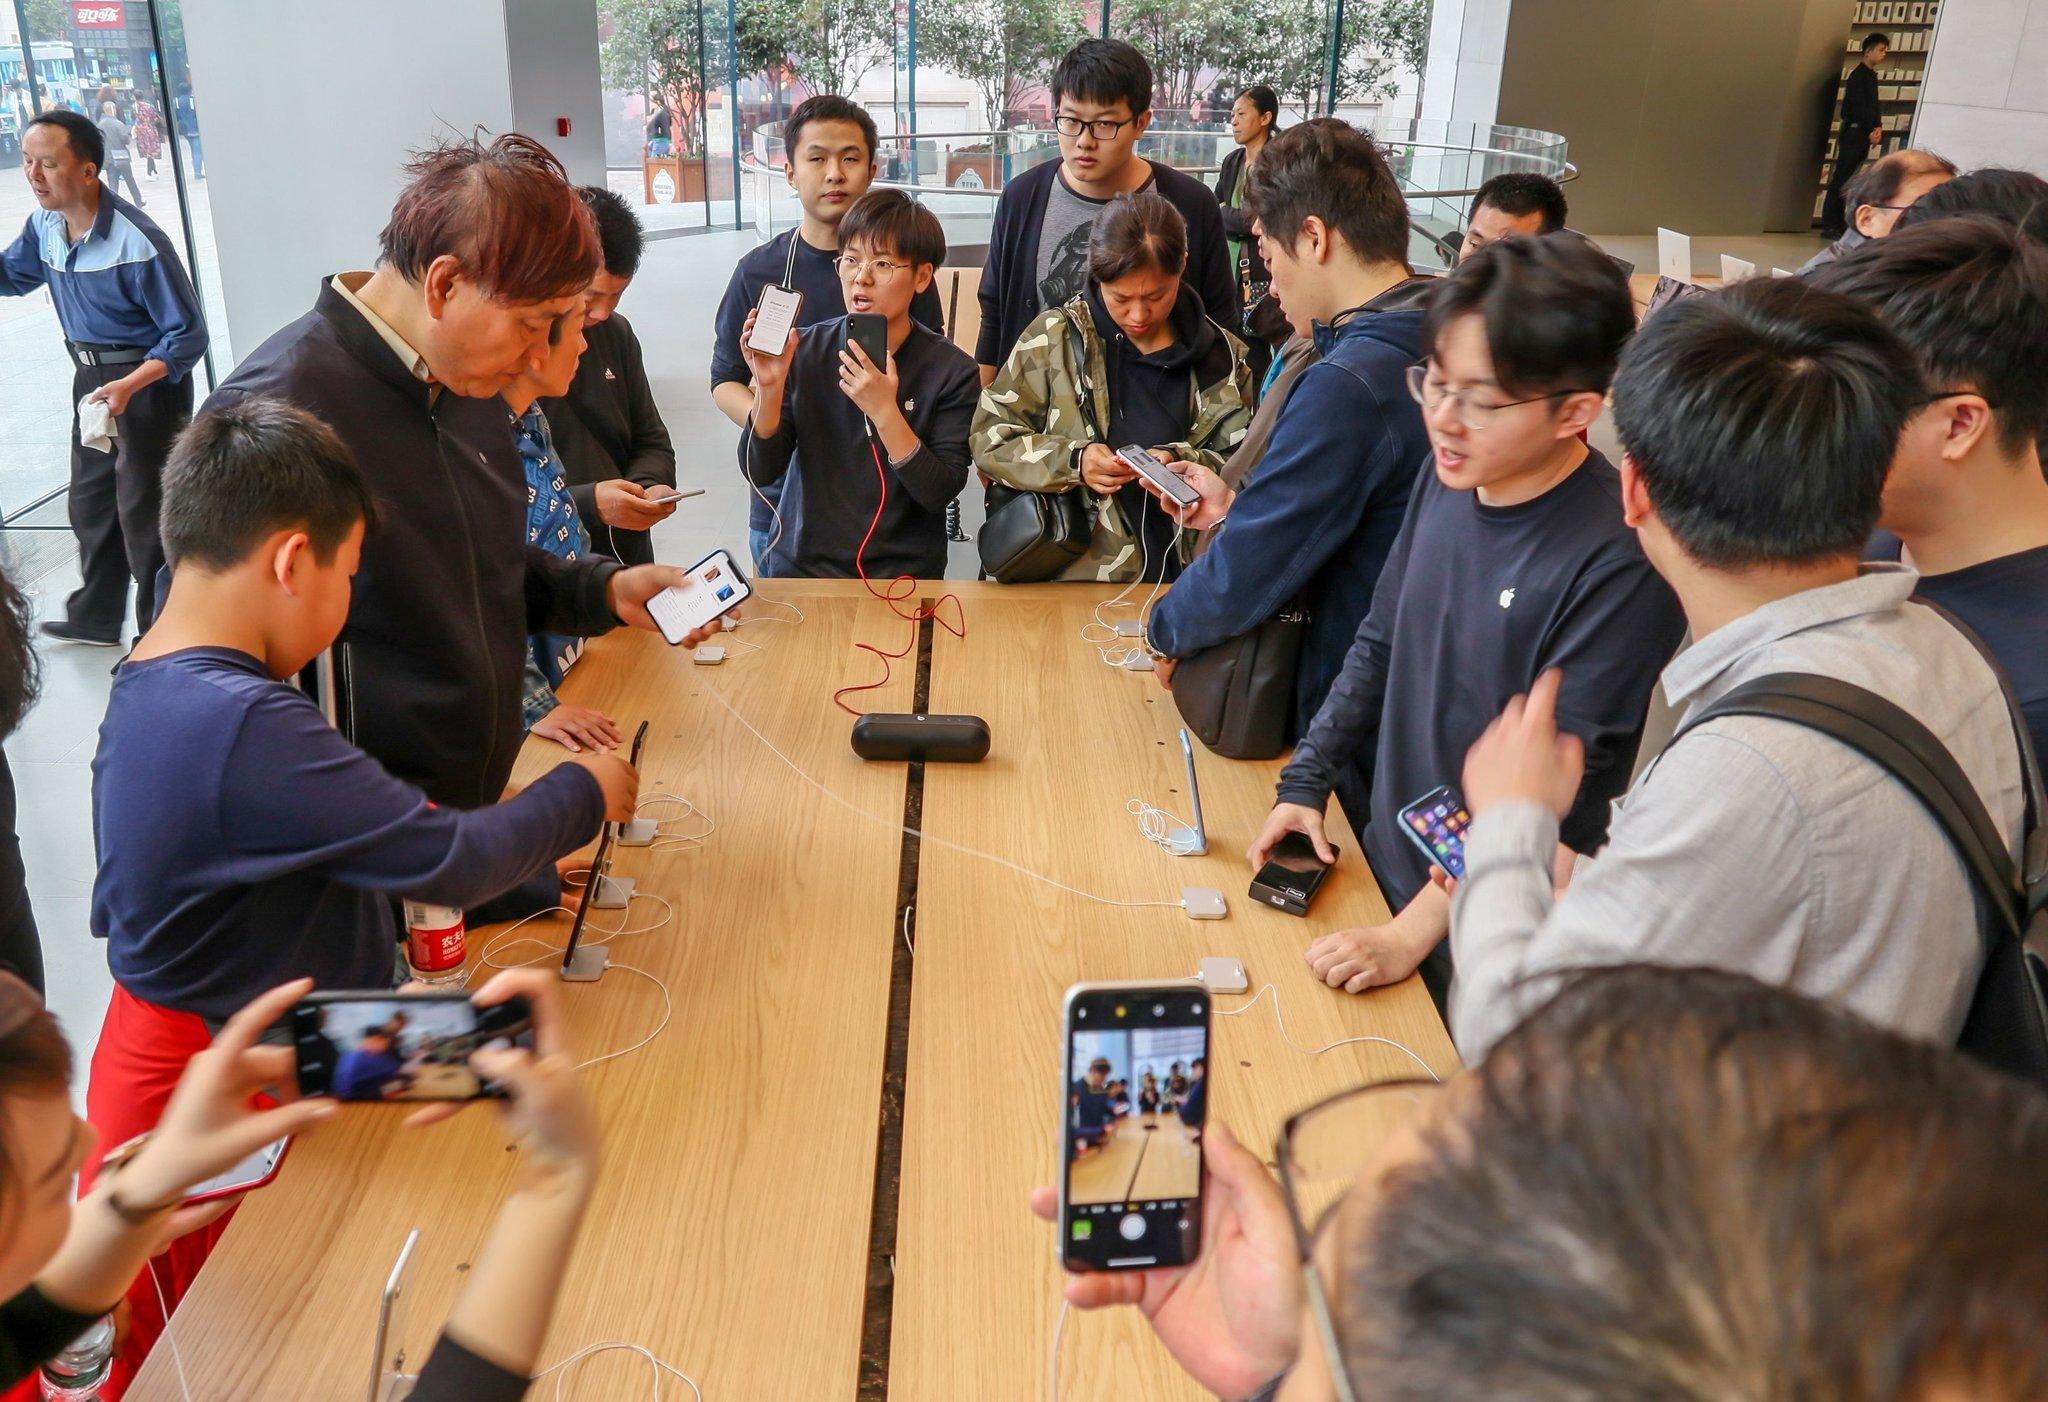 外媒看iPhone在华被禁售:针对iOS11 影响并不大